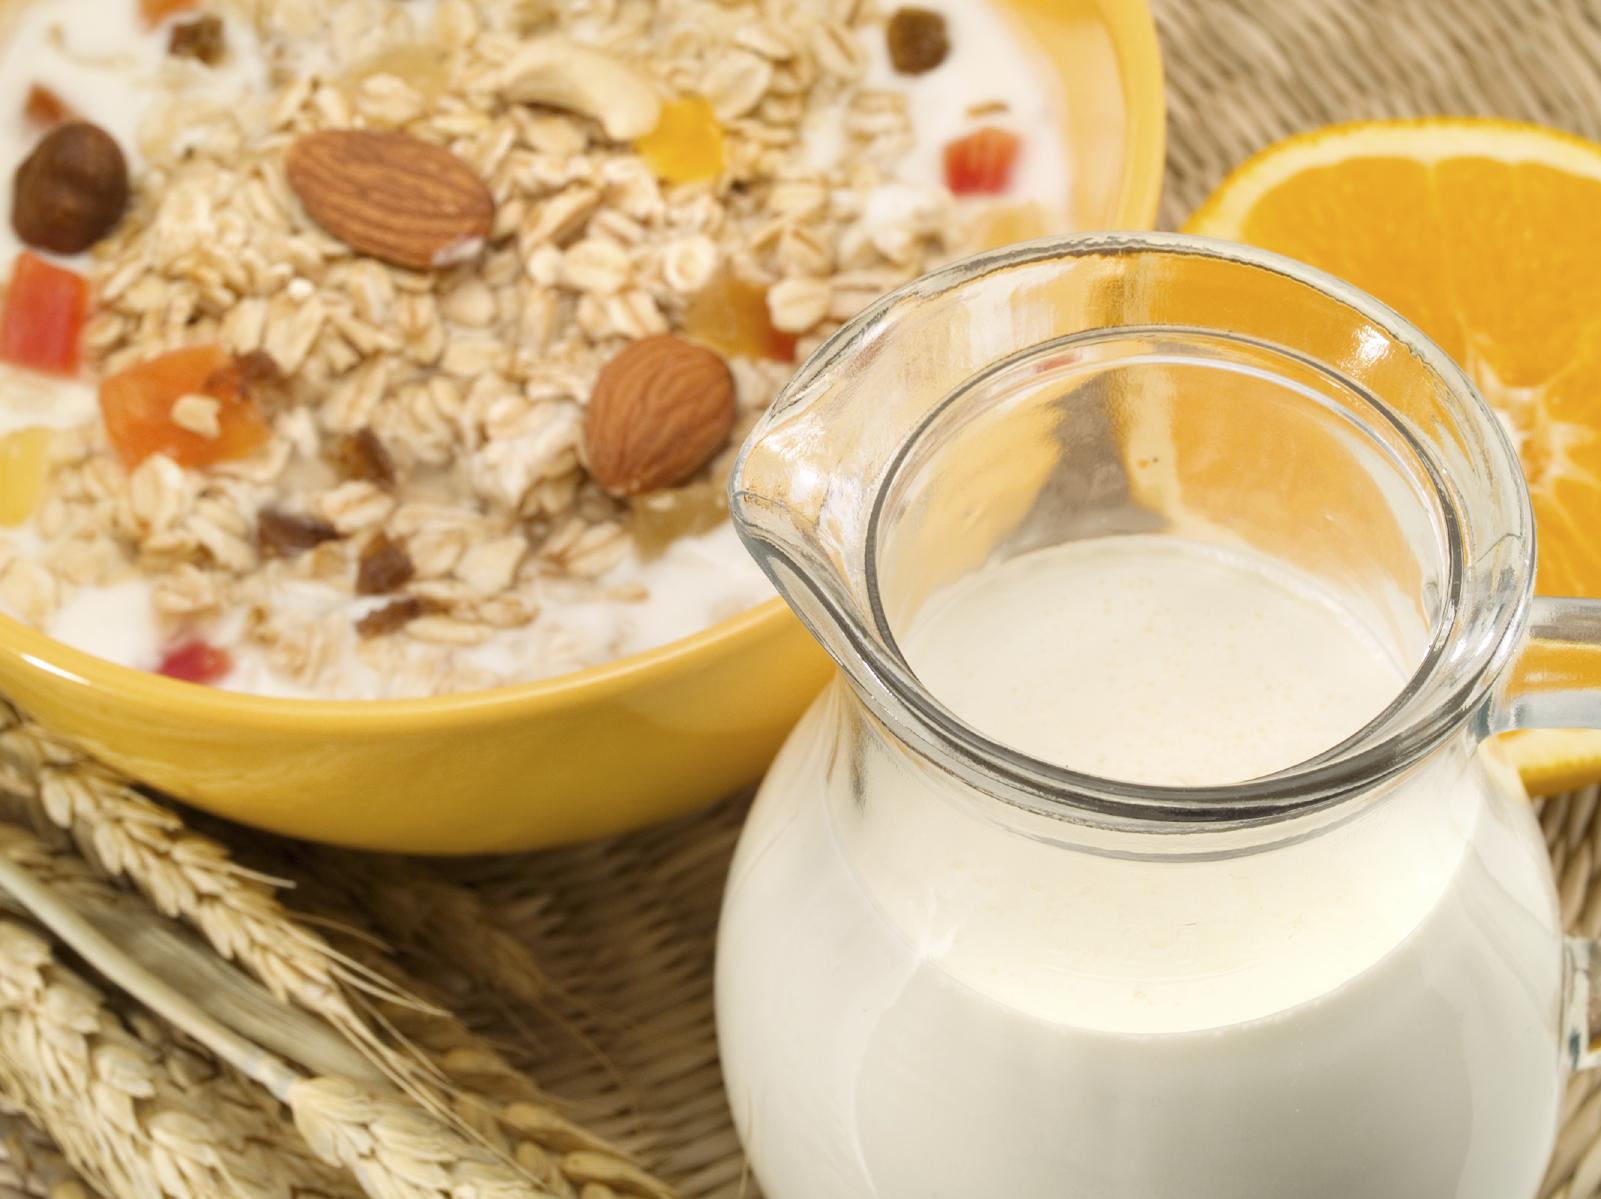 Por qué pasarse al integral. Beneficios de los alimentos integrales en tus rutinas deportivas 2